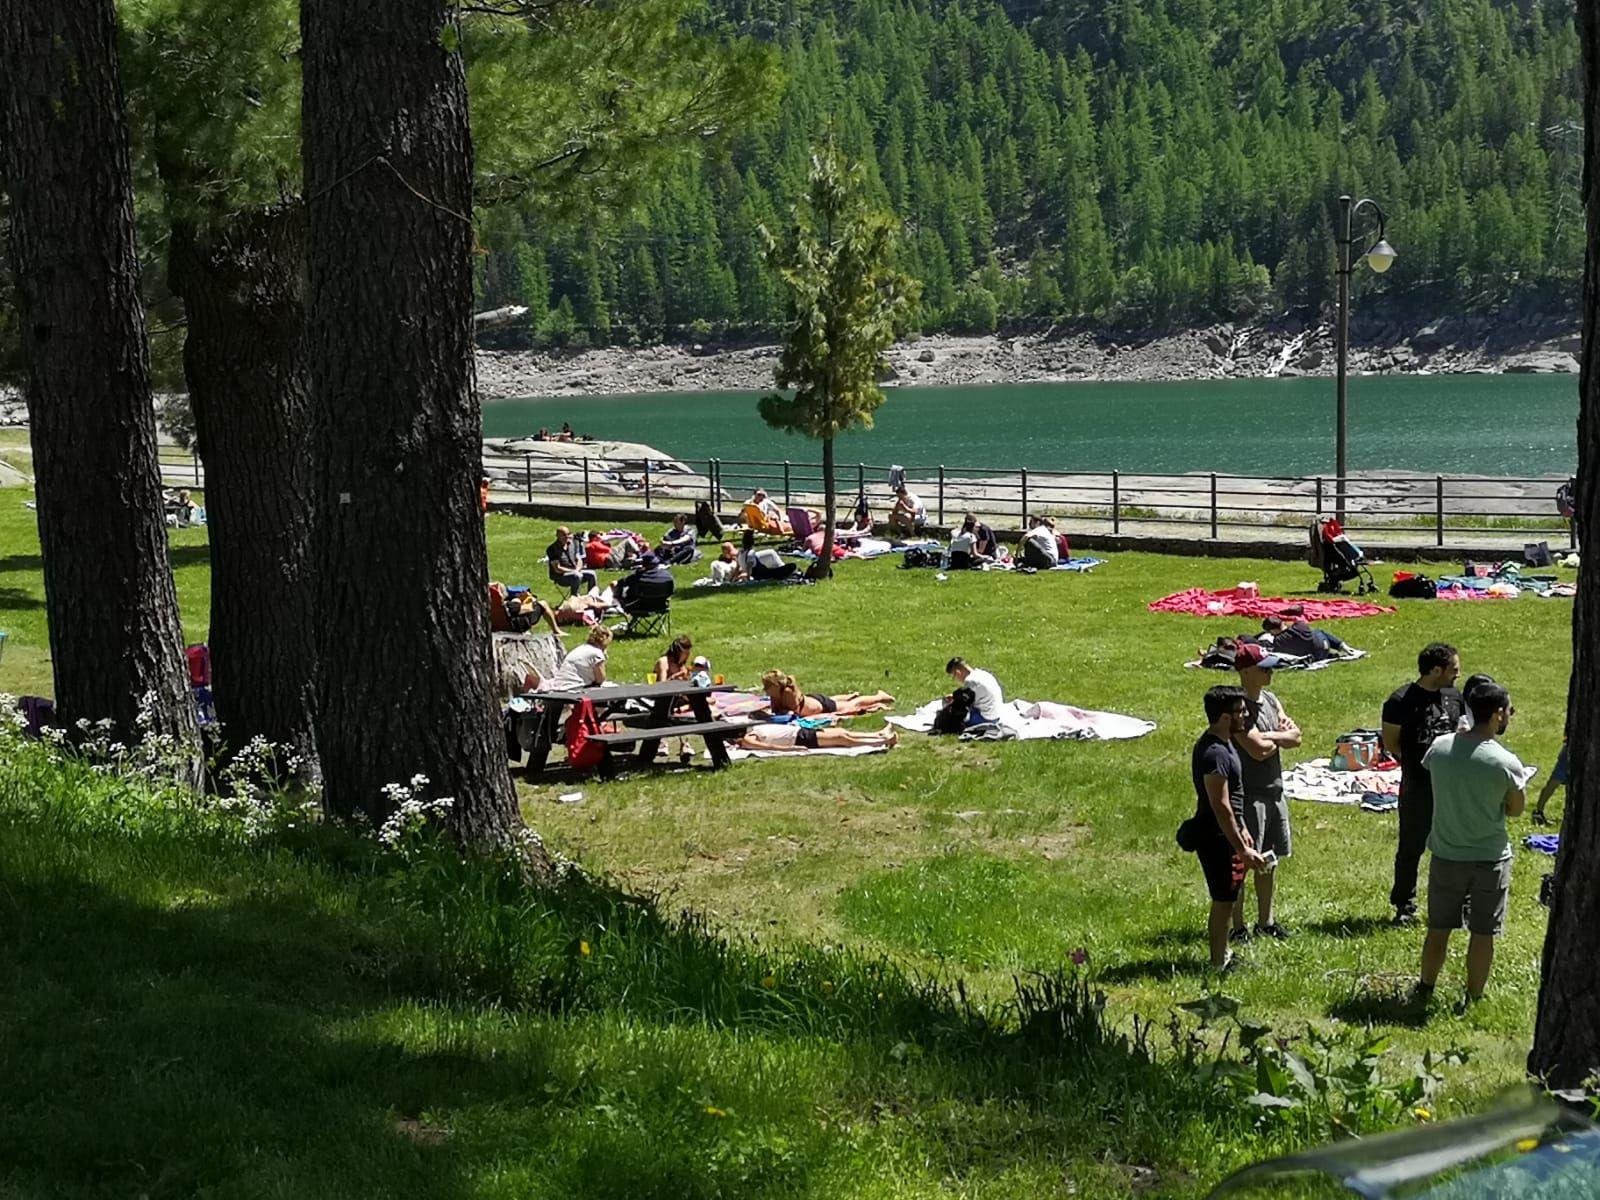 CANAVESE - Weekend e ponte del 2 giugno: si prevede un altro pienone sulle nostra montagne. Cinque consigli dell'Uncem per i turisti